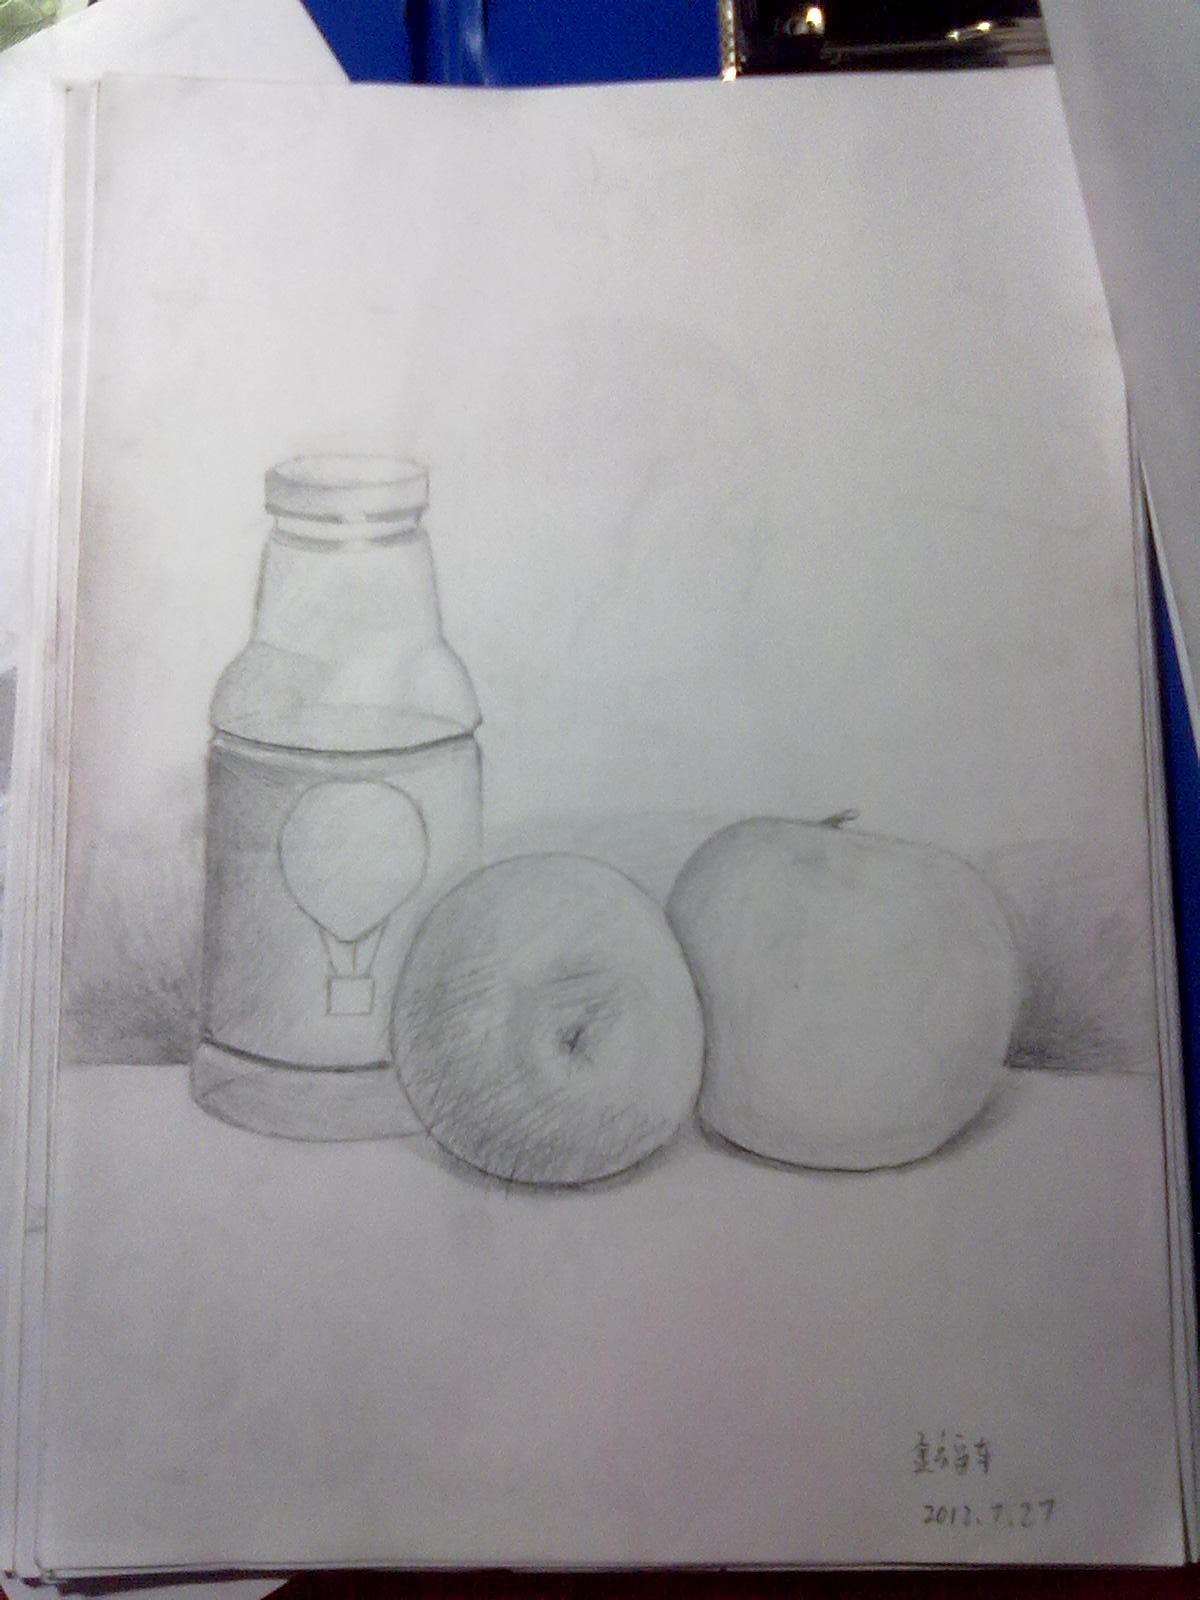 瓶子 素描 1200_1600 竖版 竖屏